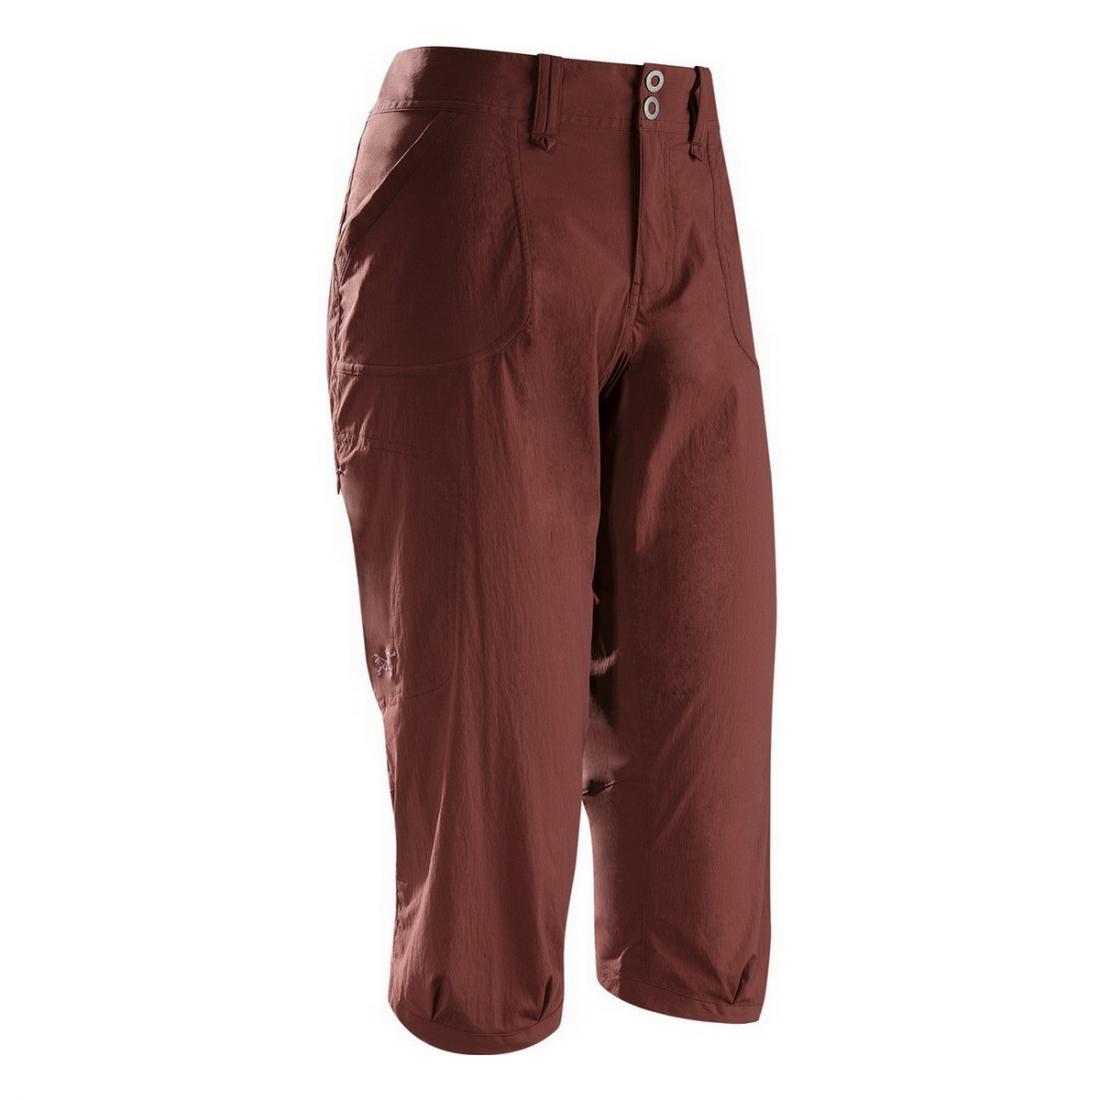 Брюки (3/4) Parapet Capri жен.Шорты, бриджи<br><br> Капри Arcteryx Parapet Capri свободного кроя созданы для активных женщин, которые ценят комфорт. Они оснащены удобным широким поясом и изготовлены из прочной, эластичной ткани, которая обеспечивает свободу движений. Также модель привлекает внимание...<br><br>Цвет: Бордовый<br>Размер: 10